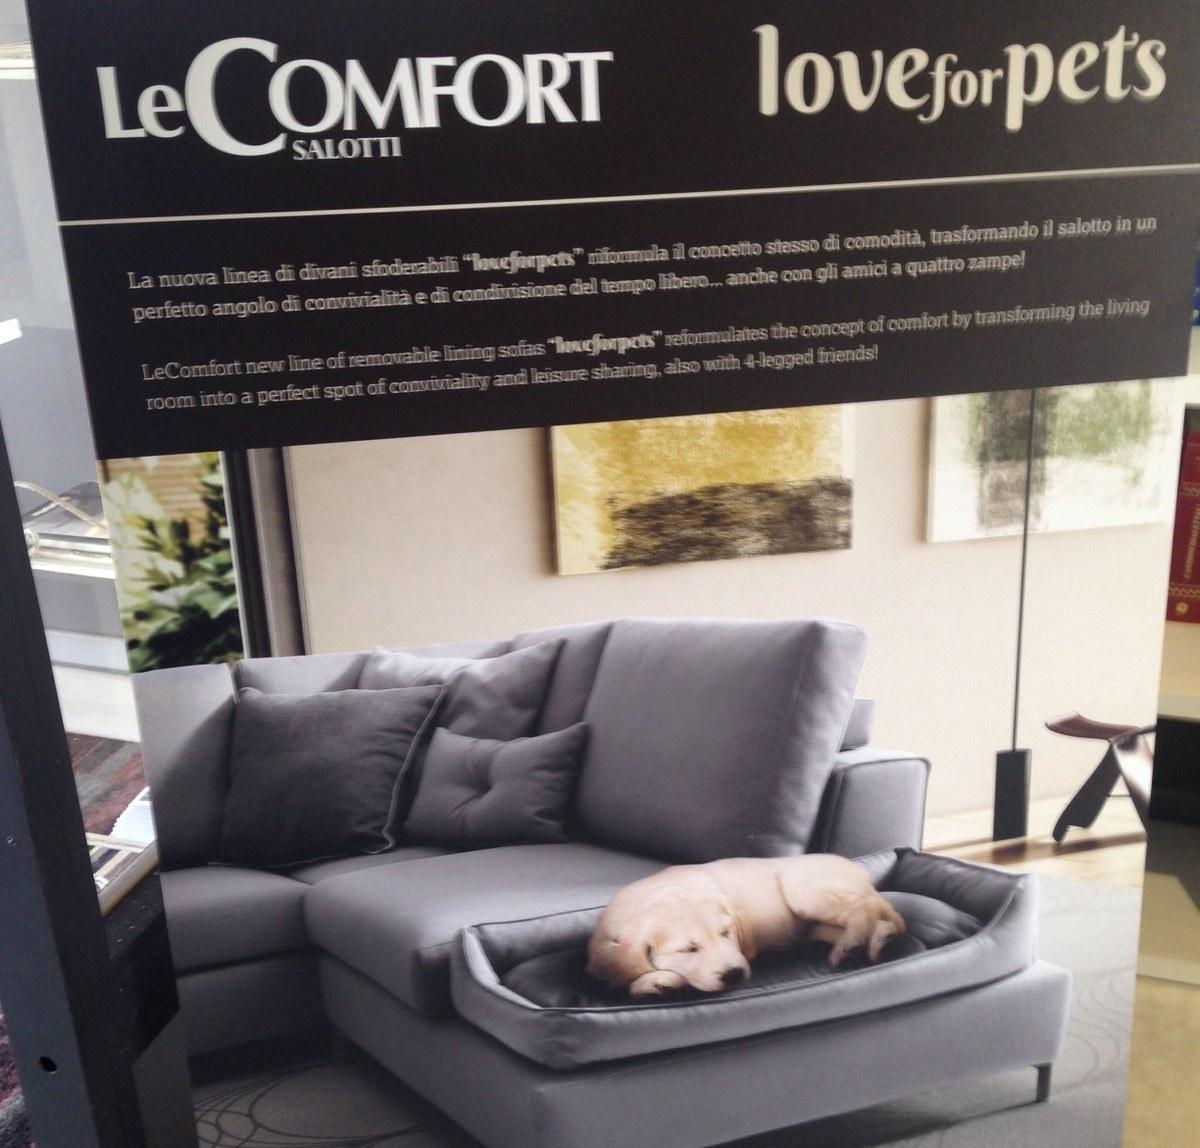 Divano comfort divano harmony tessuto divani a prezzi for Le comfort divani